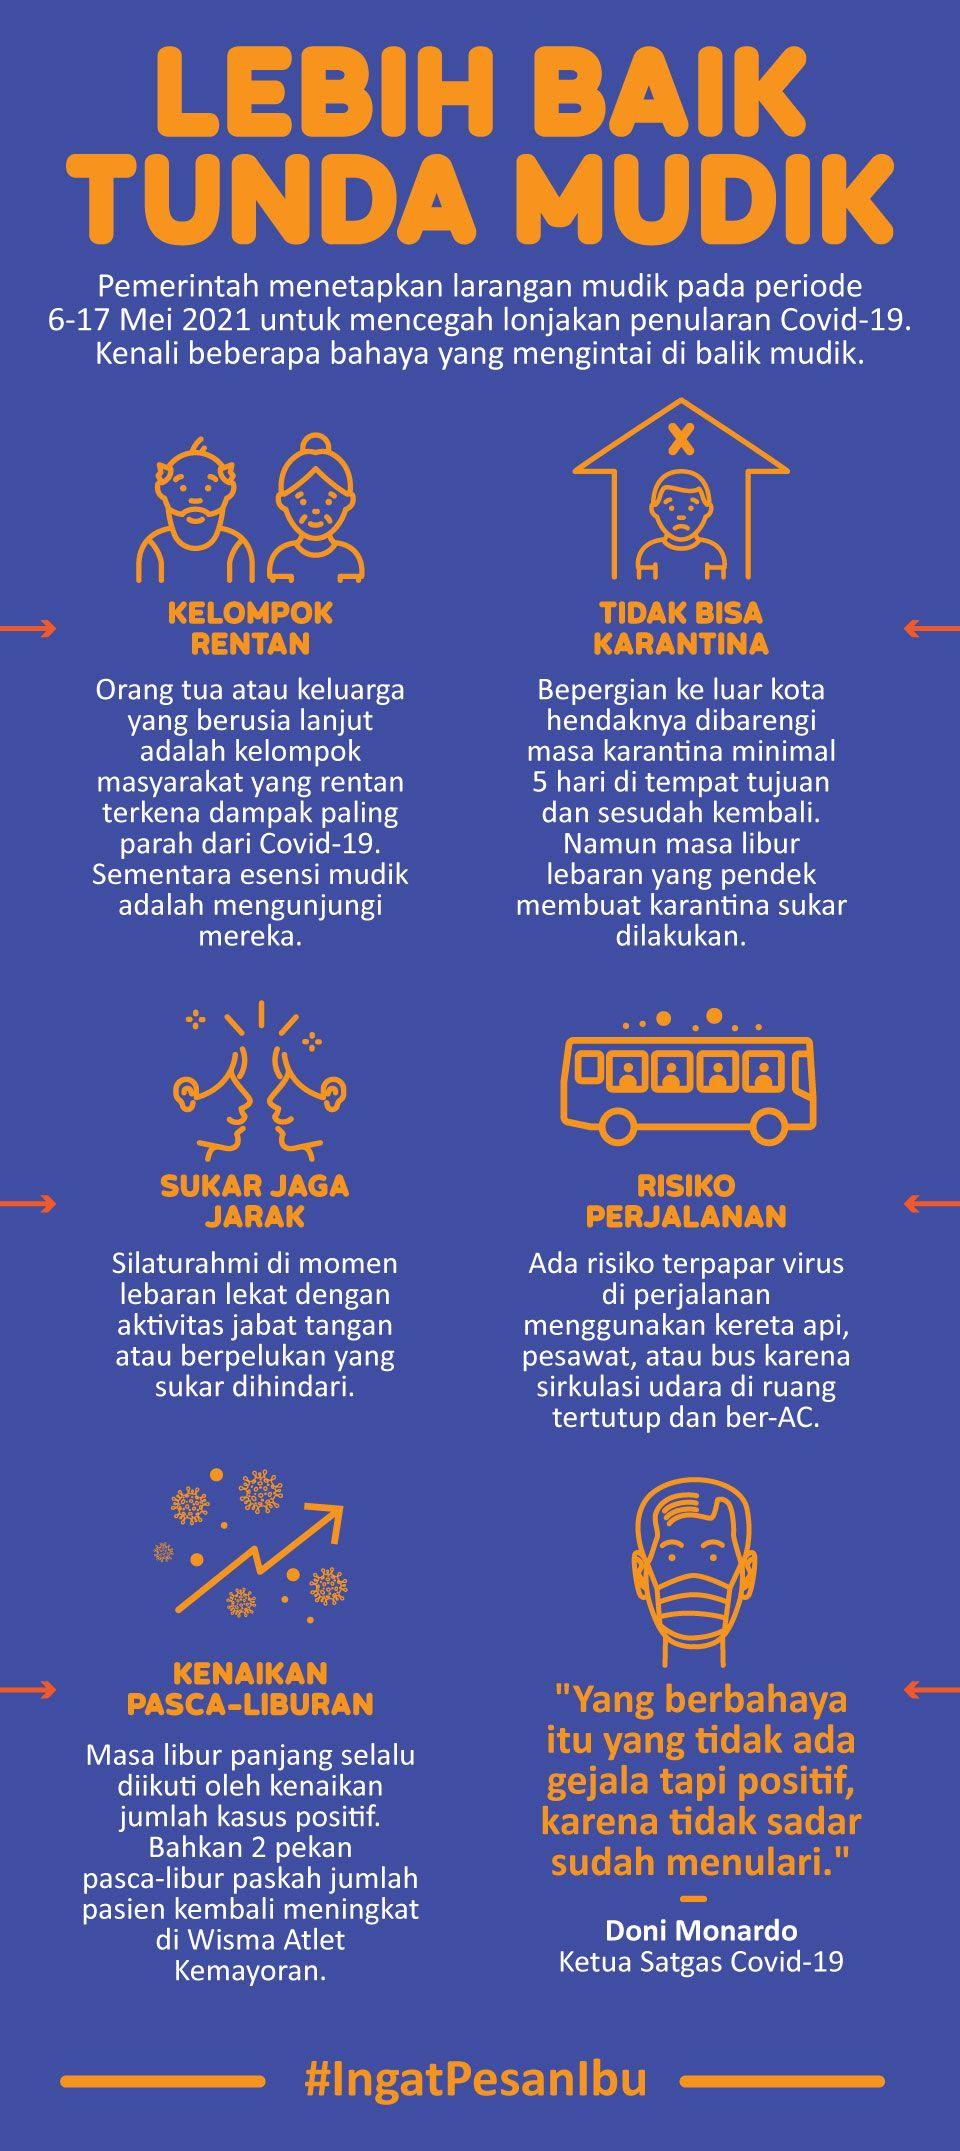 Infografis lebih baik tunda mudik (Satgas Covid-19)